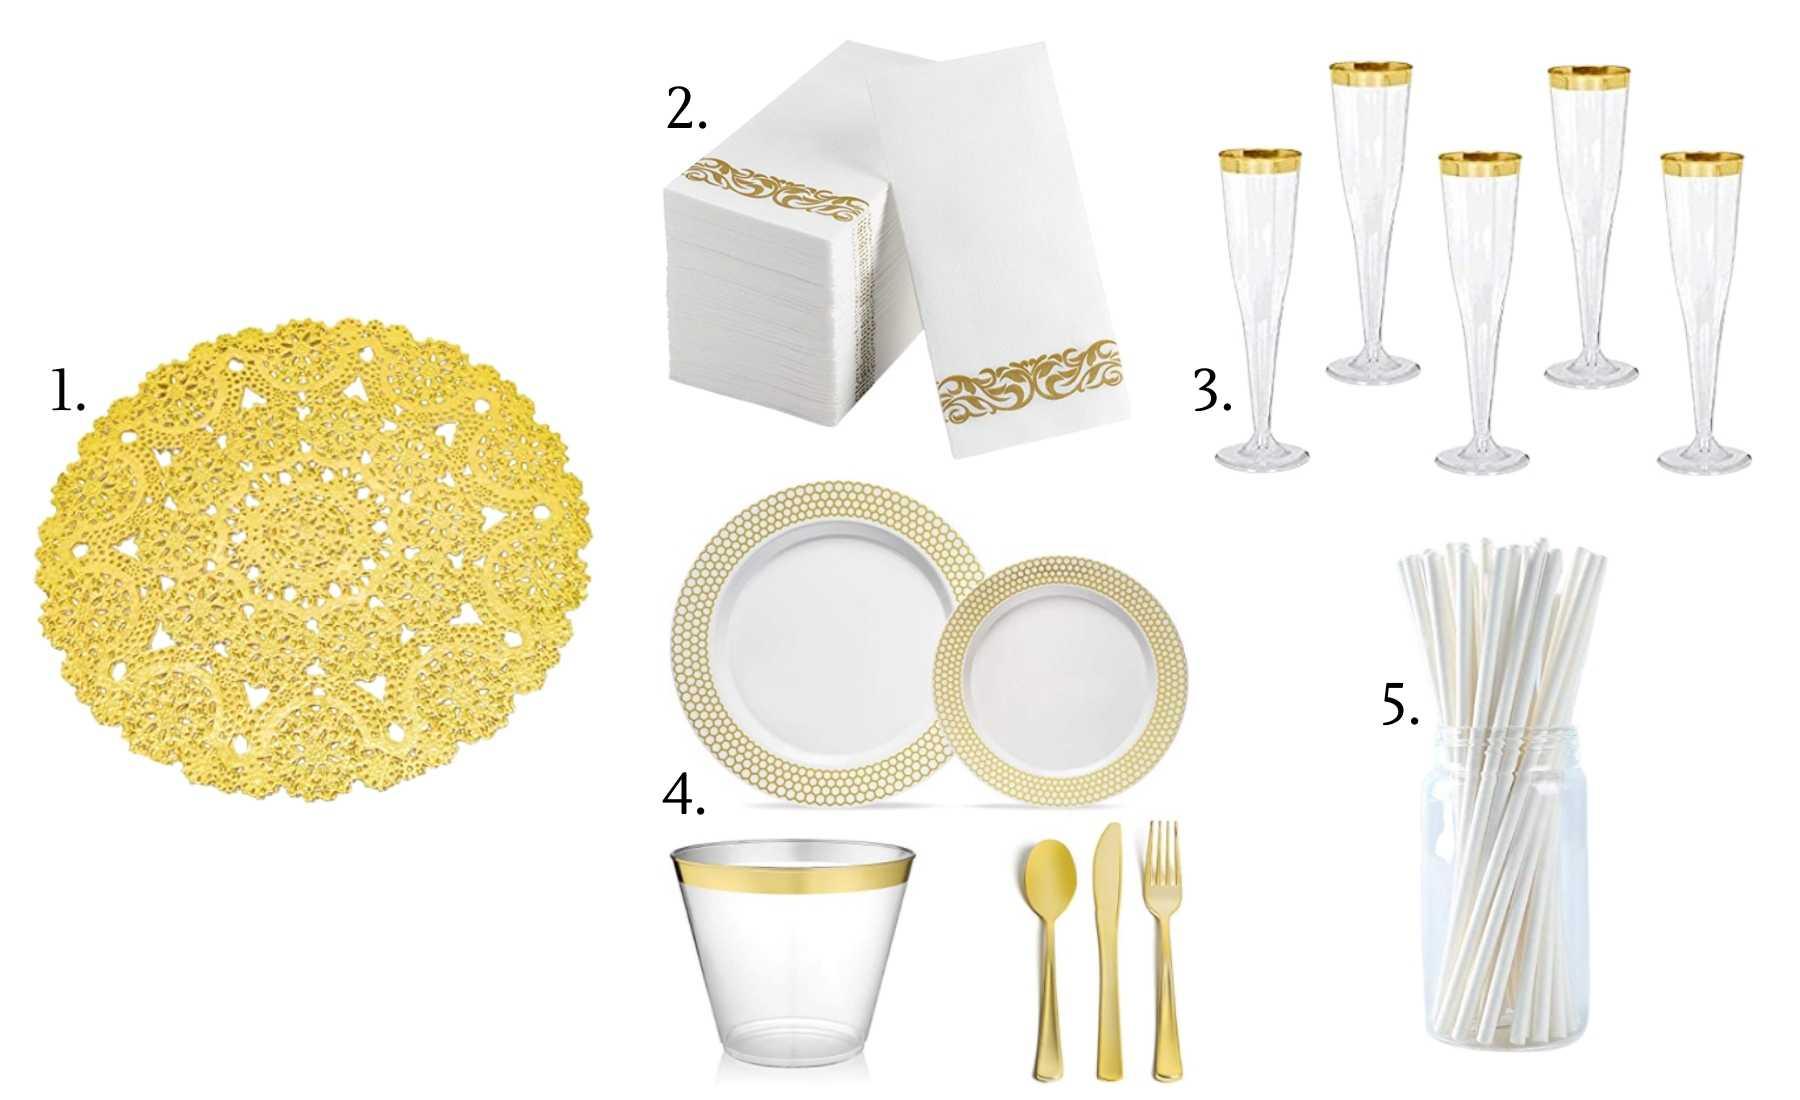 flatware - diy brunch wedding how to guide